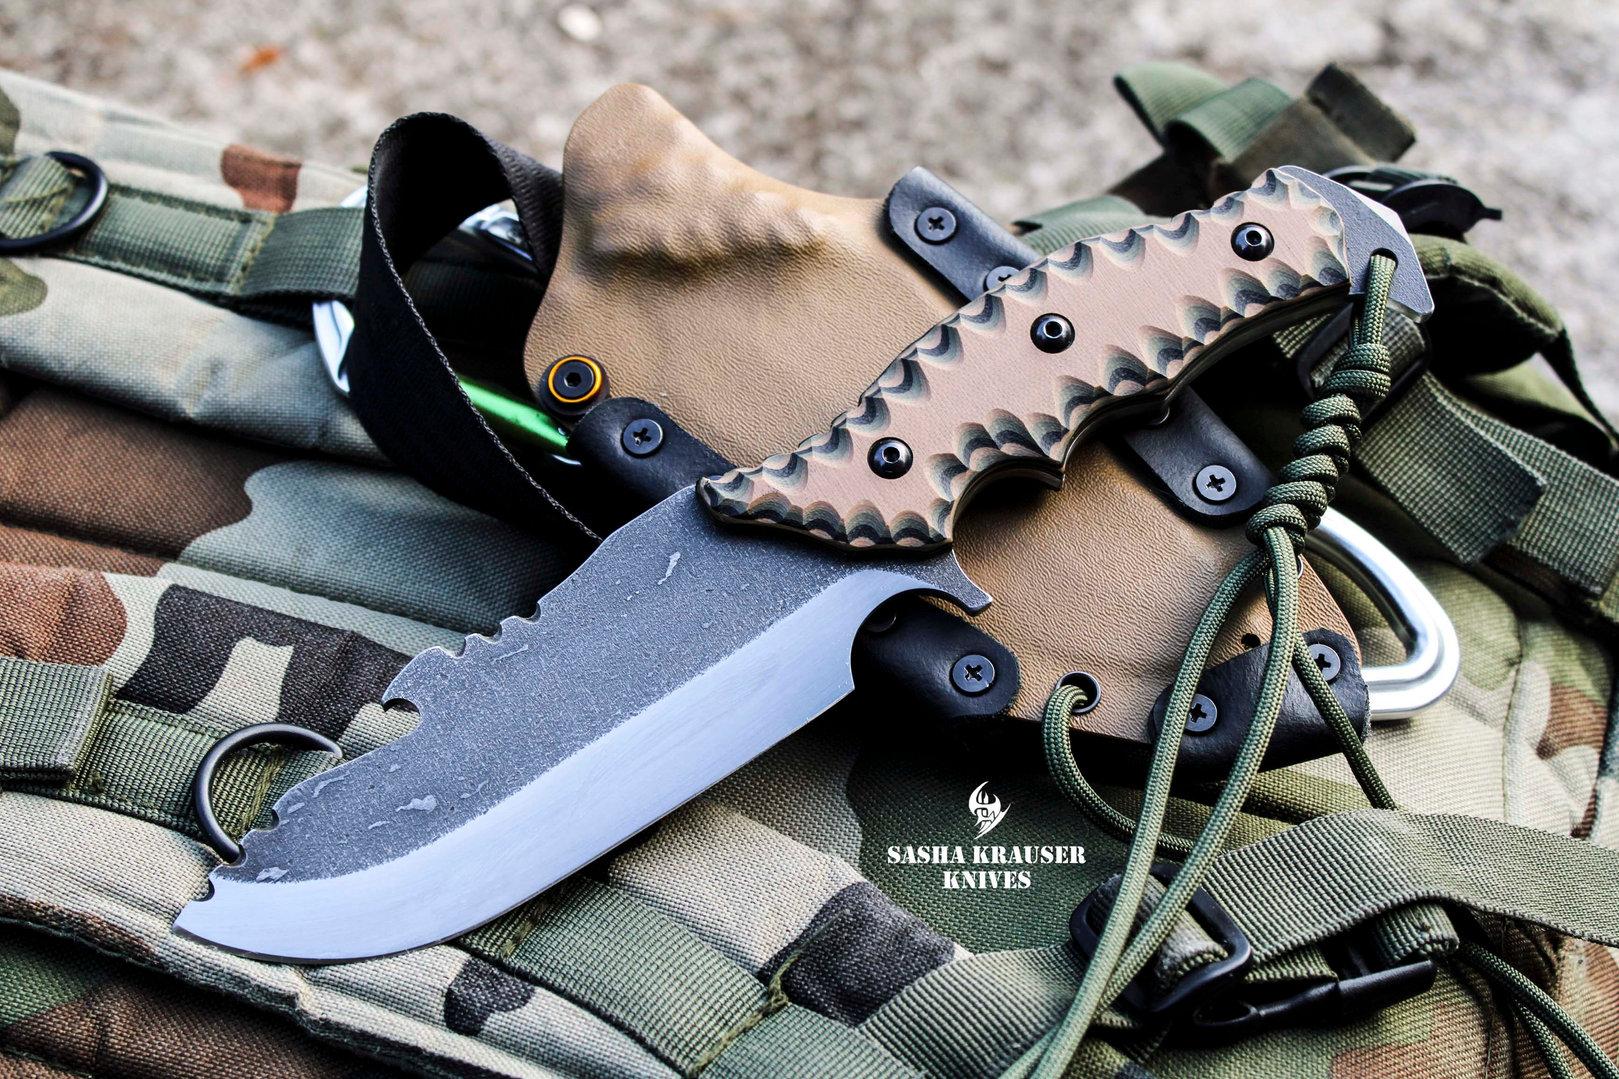 estrela v2 bushcraft knife